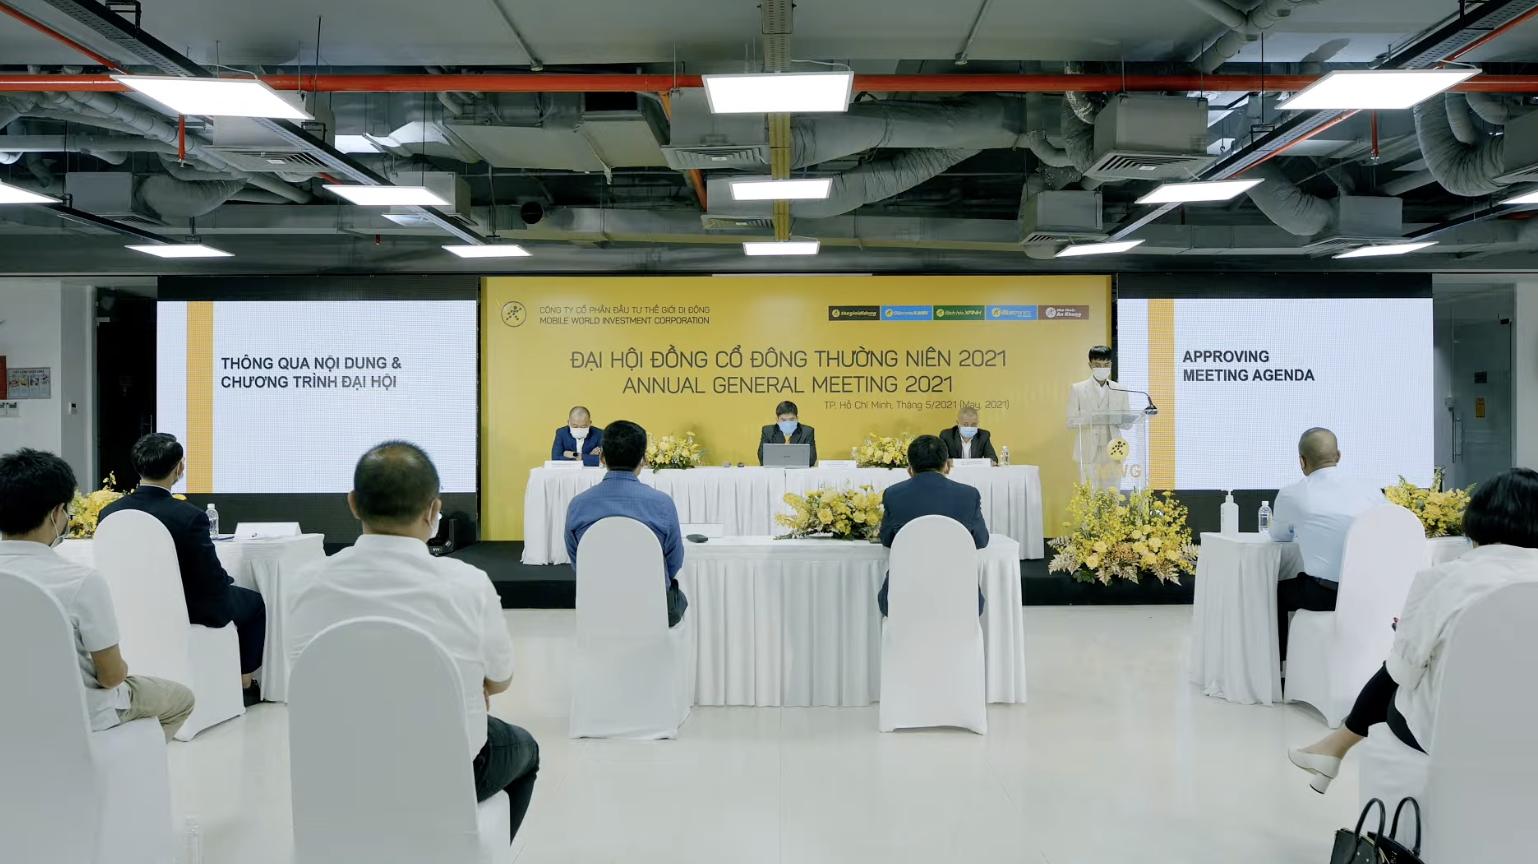 [Live] ĐHĐCĐ MWG: Bách Hoá Xanh mỗi ngày mang về 70 tỷ đồng doanh thu, mục tiêu lấy lại ngành bán lẻ về tay người Việt - Ảnh 1.